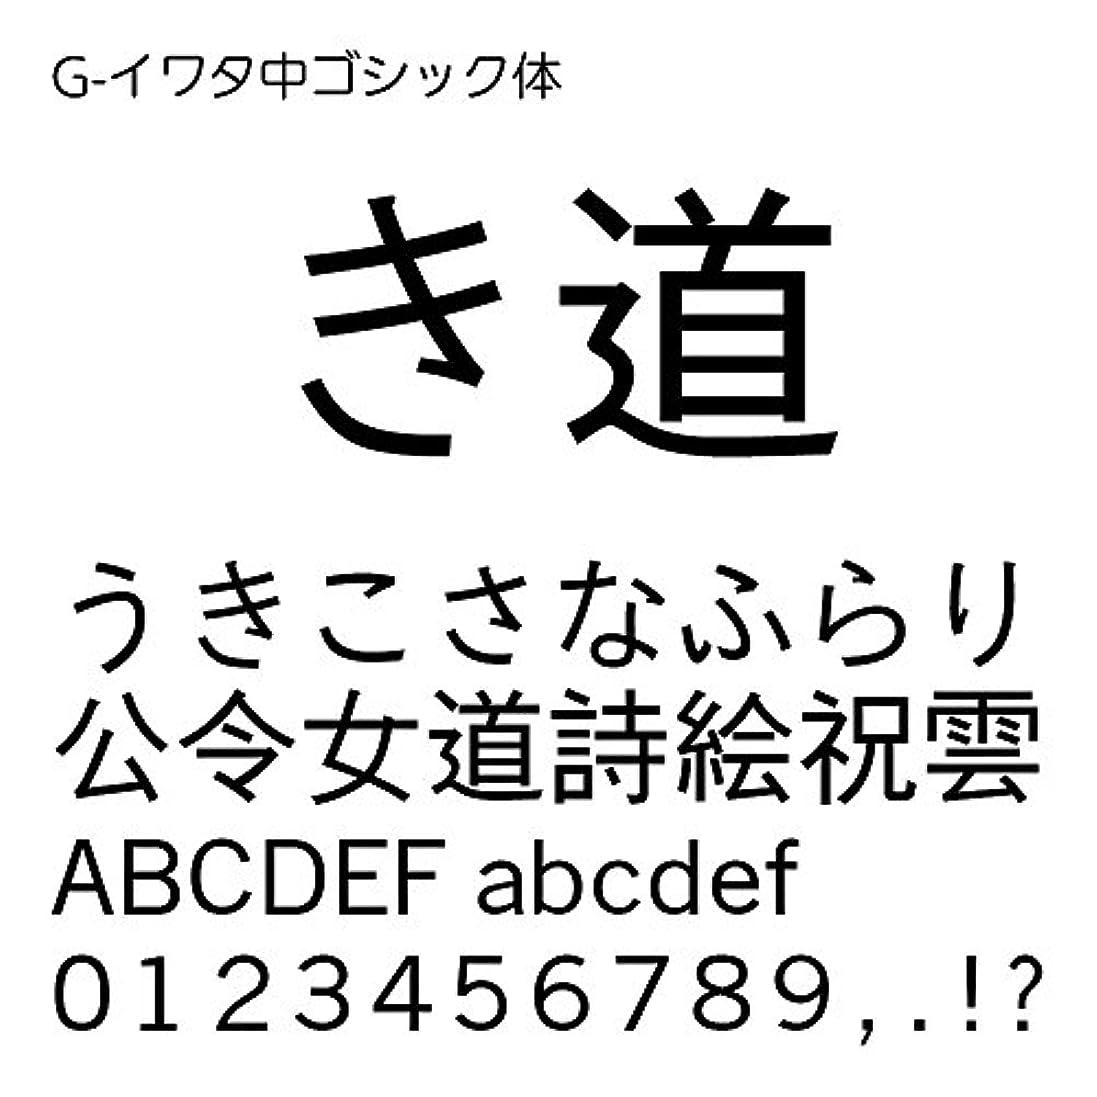 五十ペンストロイの木馬G-イワタ中ゴシック体 TrueType Font for Windows [ダウンロード]